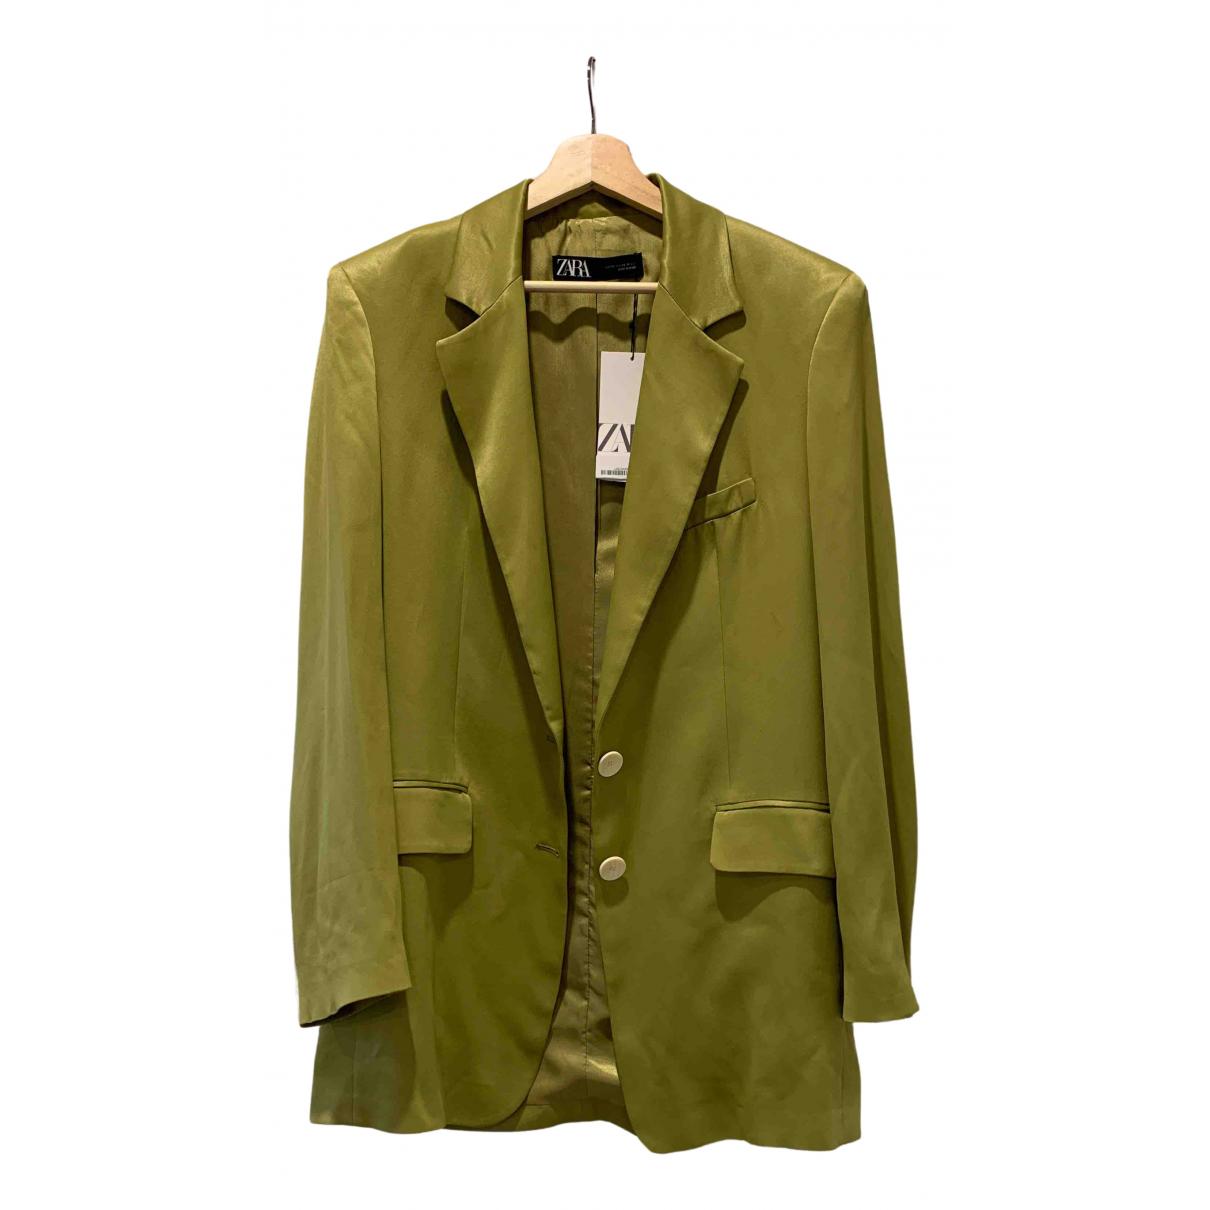 Zara \N Green jacket for Women XS International